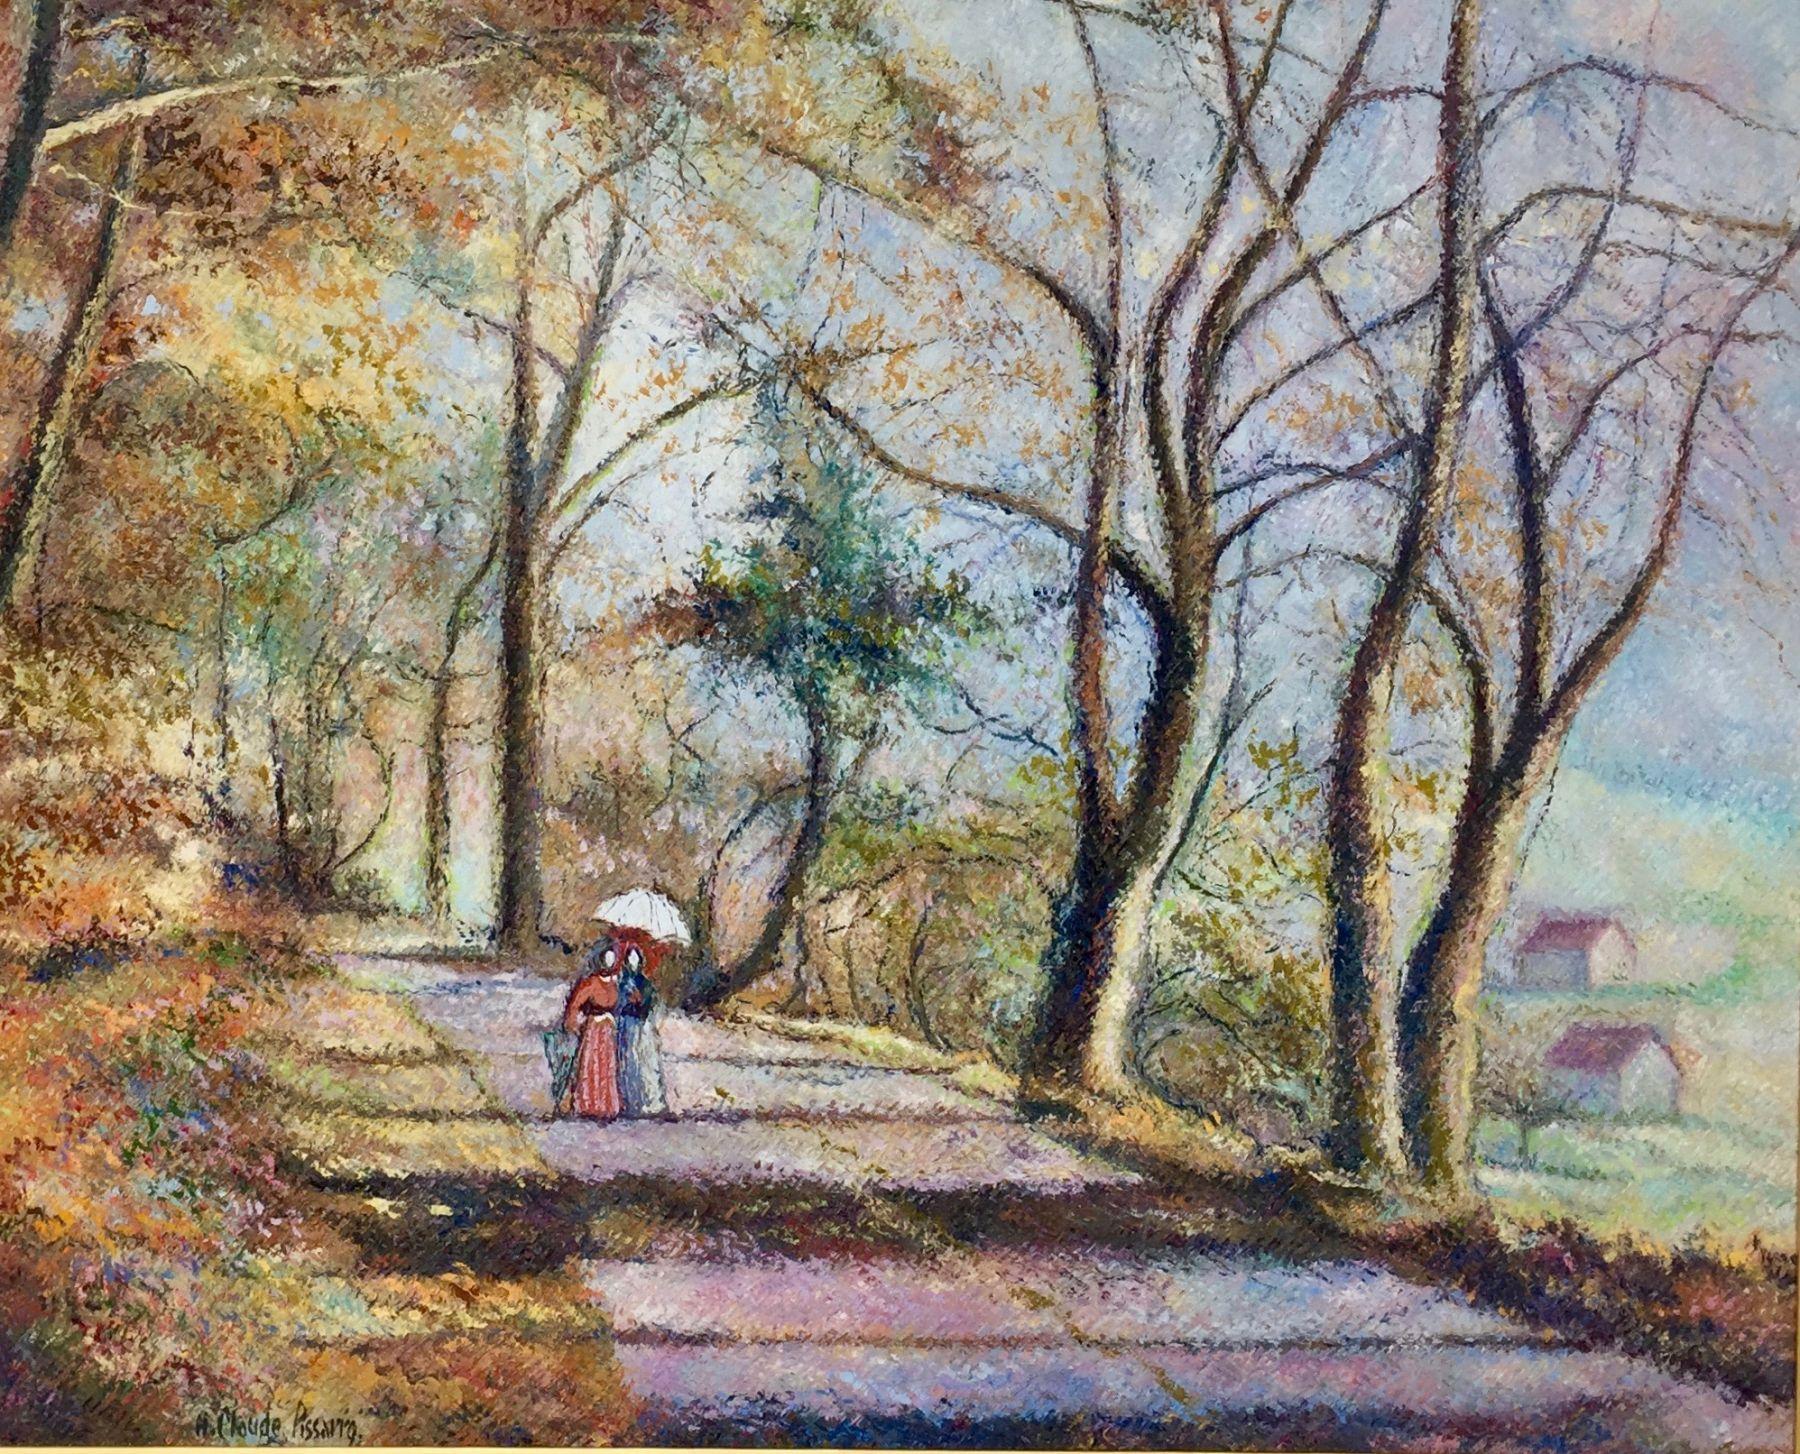 H. C. Pissarro, Promenade au Bois